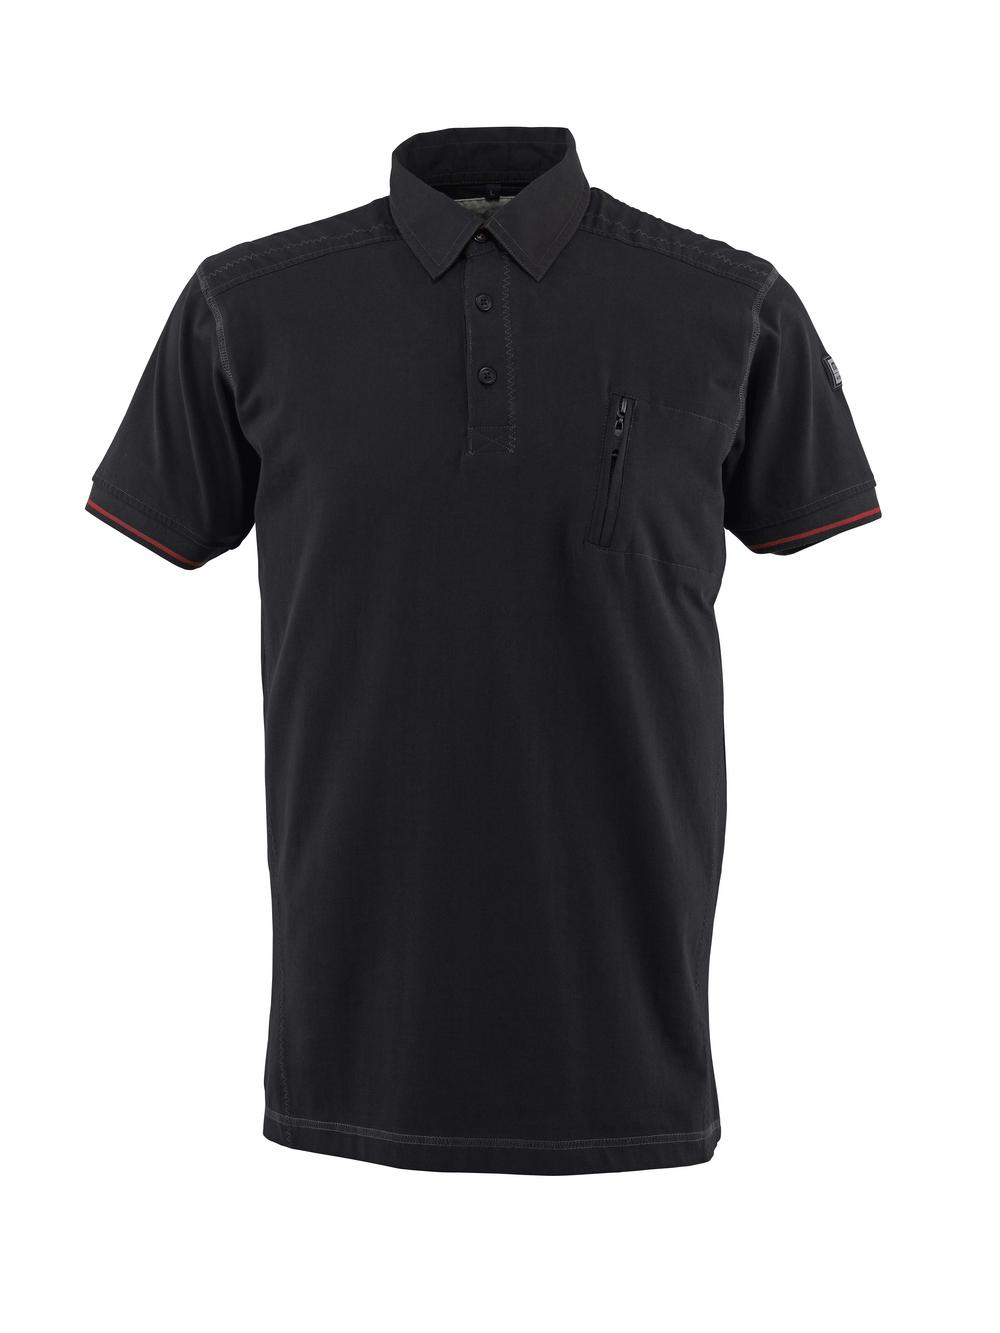 50351-833-09 Polo-Shirt mit Brusttasche - Schwarz